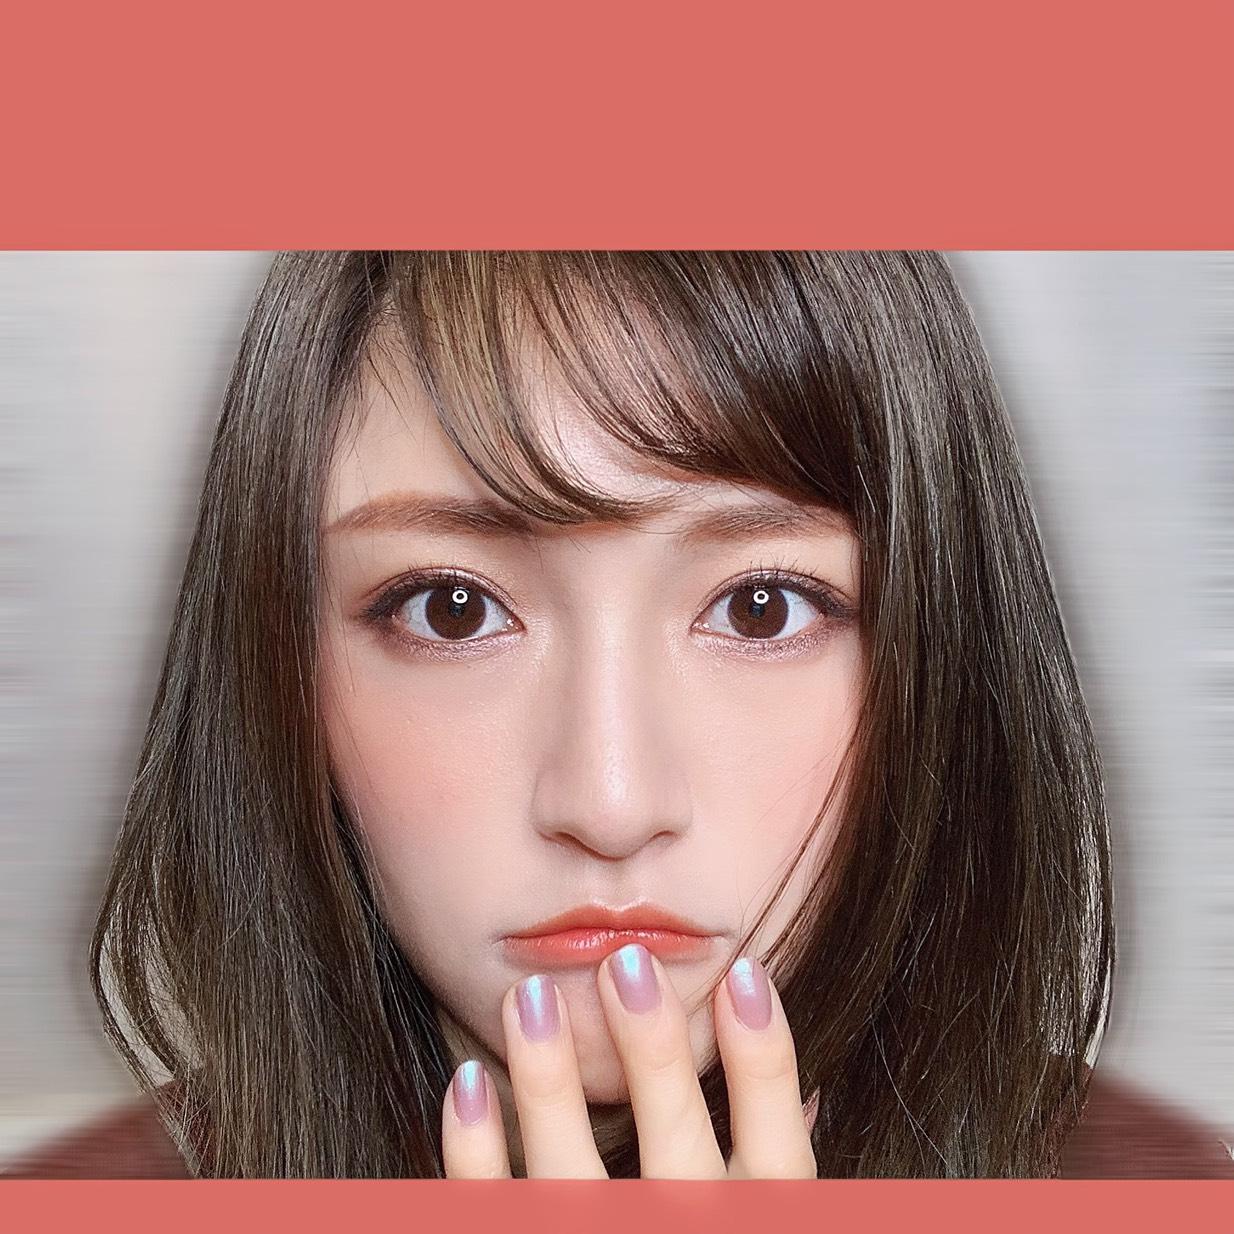 桐谷美玲風キャットメイクのAfter画像